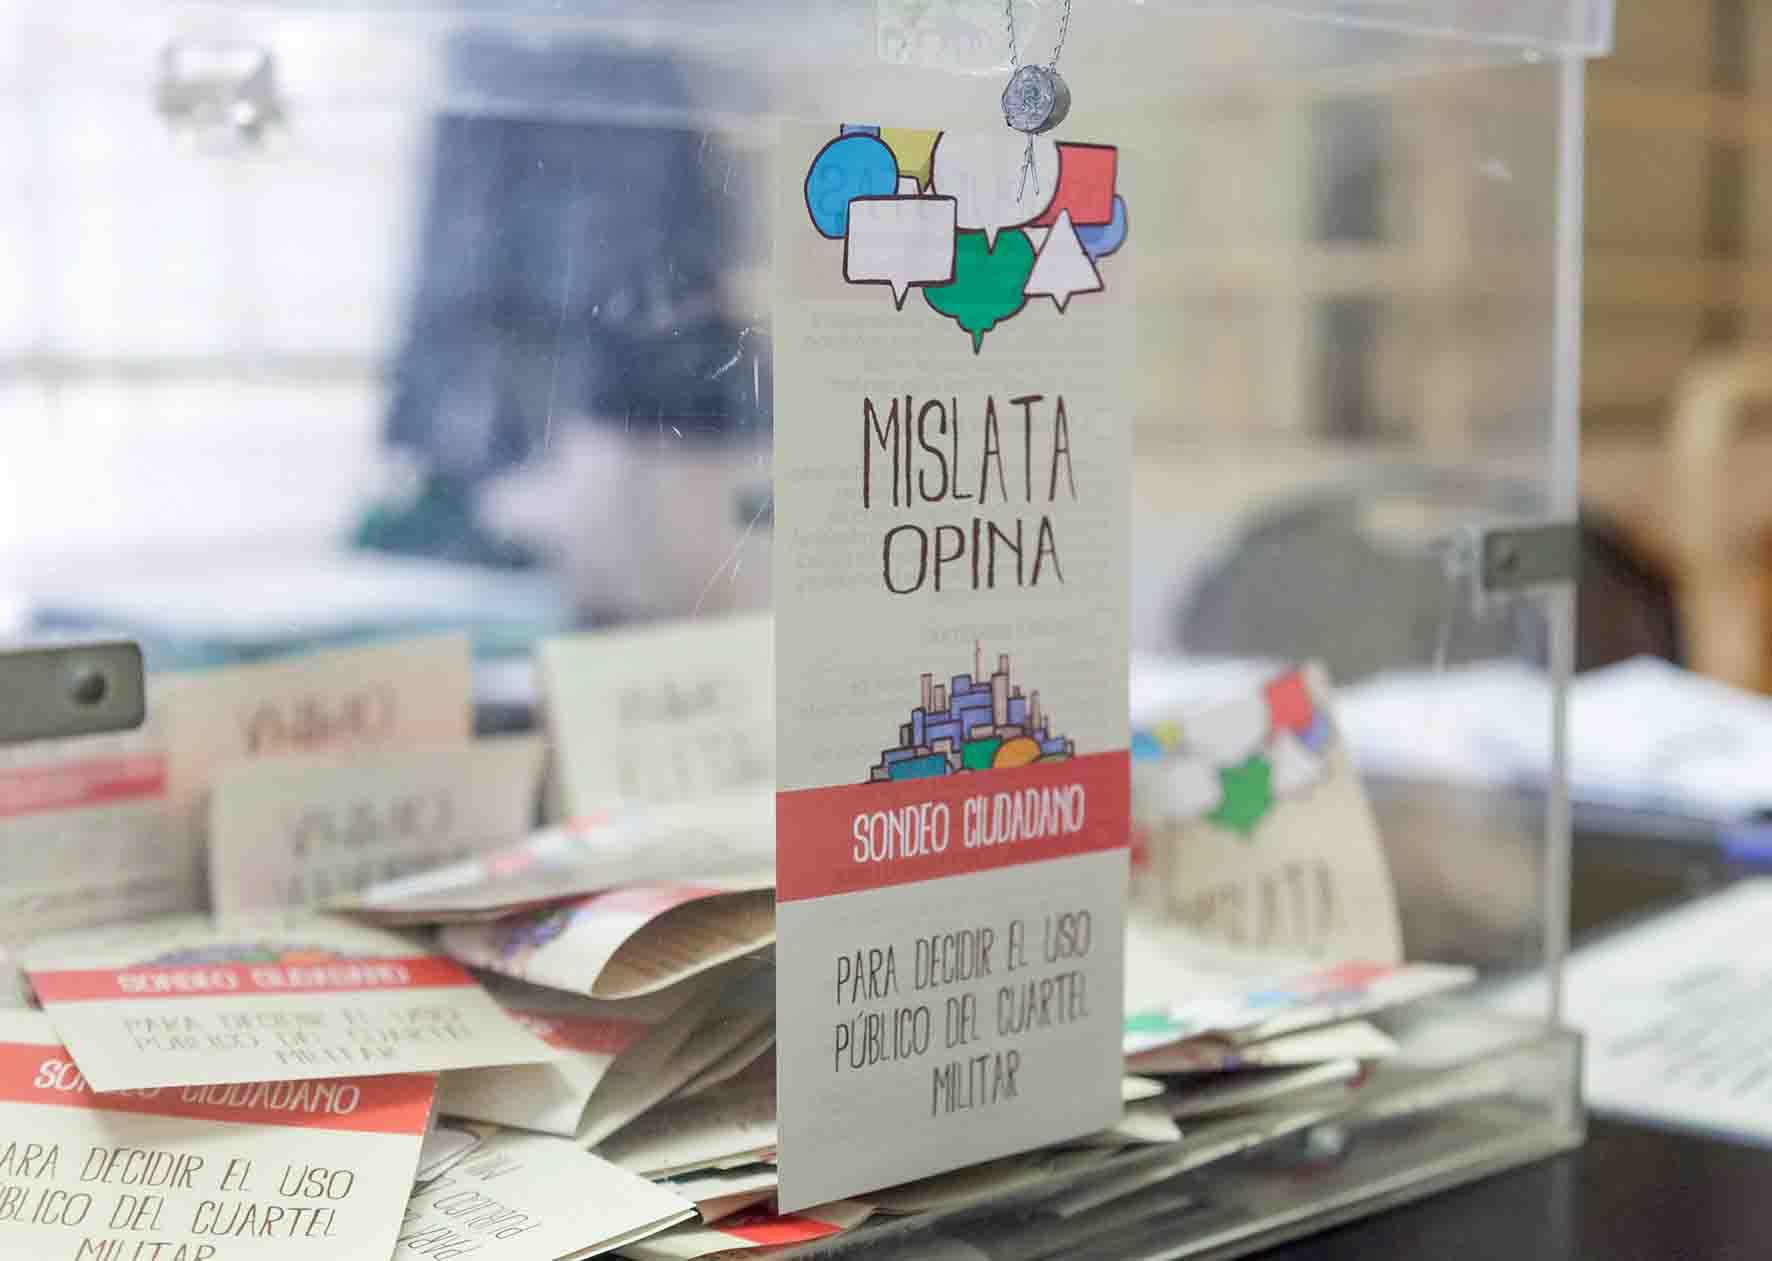 Mislata elige la opción de Salud y Bienestar para el Cuartel Militar